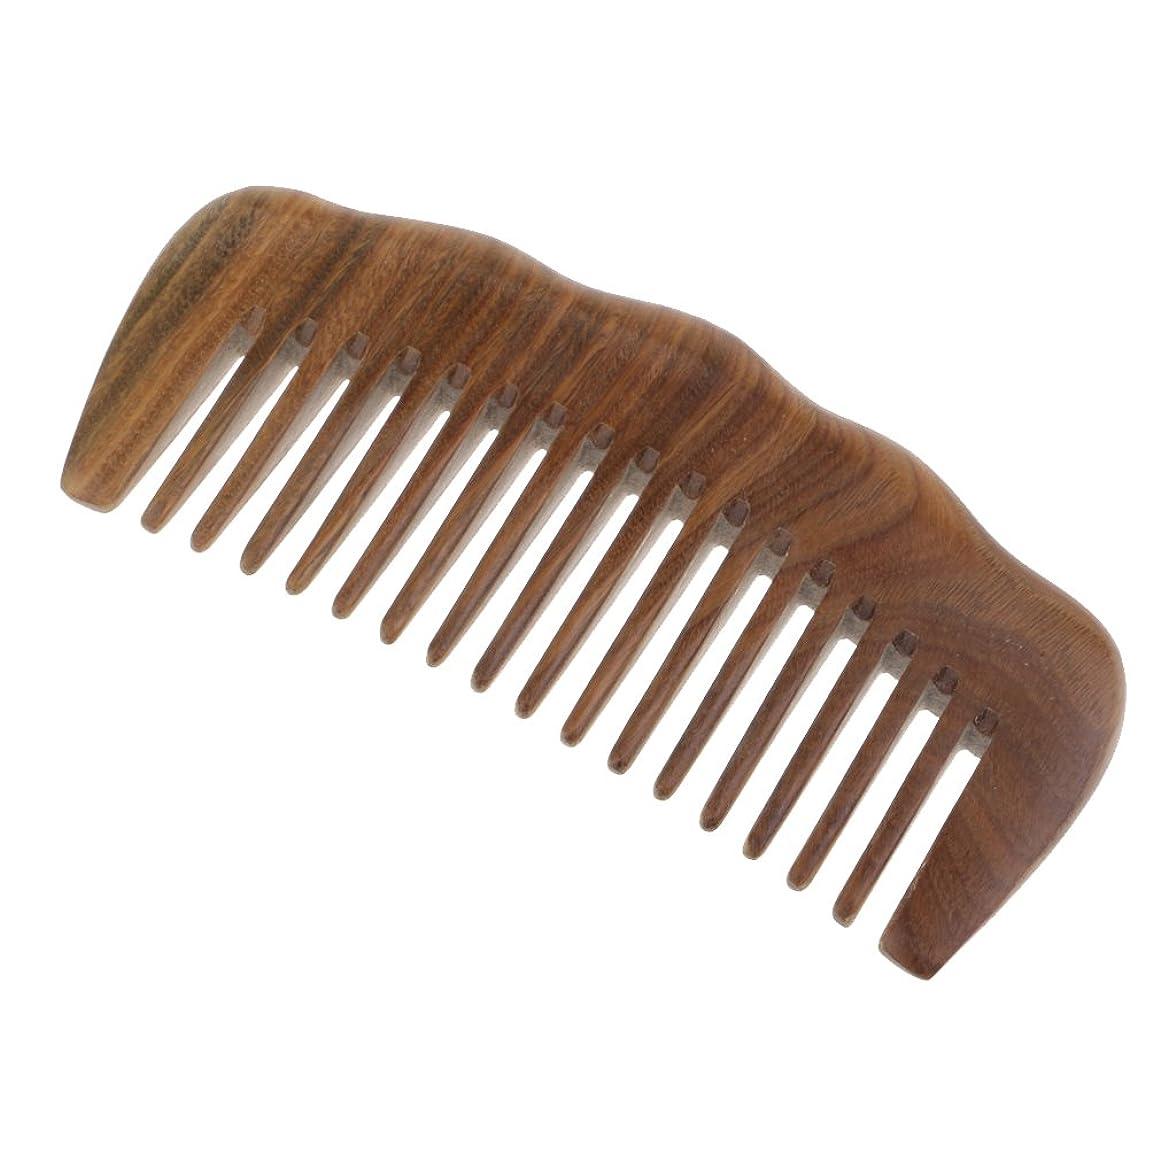 エーカーナプキン幽霊CUTICATE 帯電防止櫛 木製櫛 頭皮マッサージ ヘアコーム 木製ワイド歯ブラシ